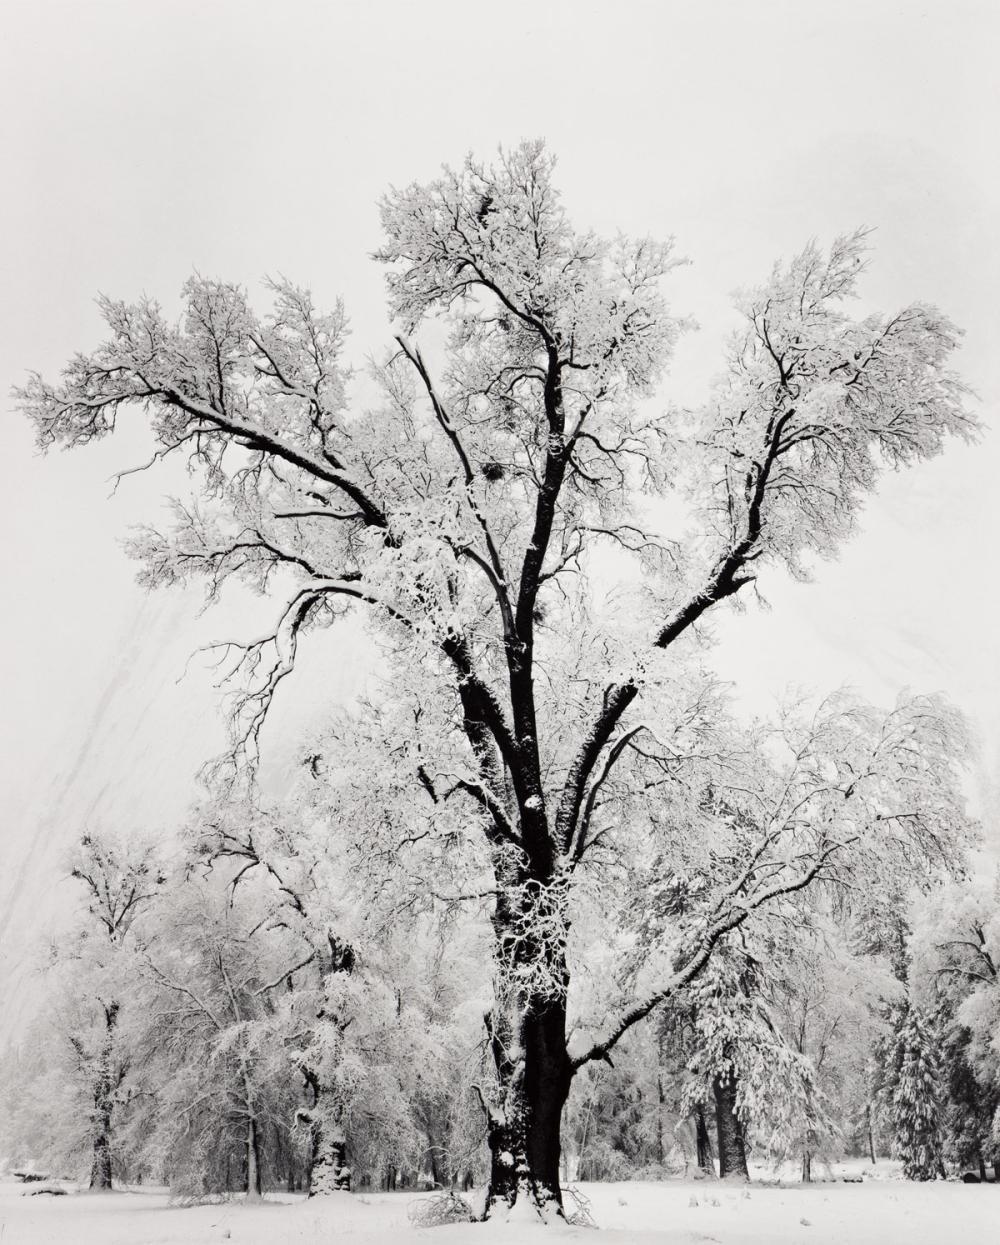 ANSEL ADAMS (1902-1984) Oaktree, Snowstorm.